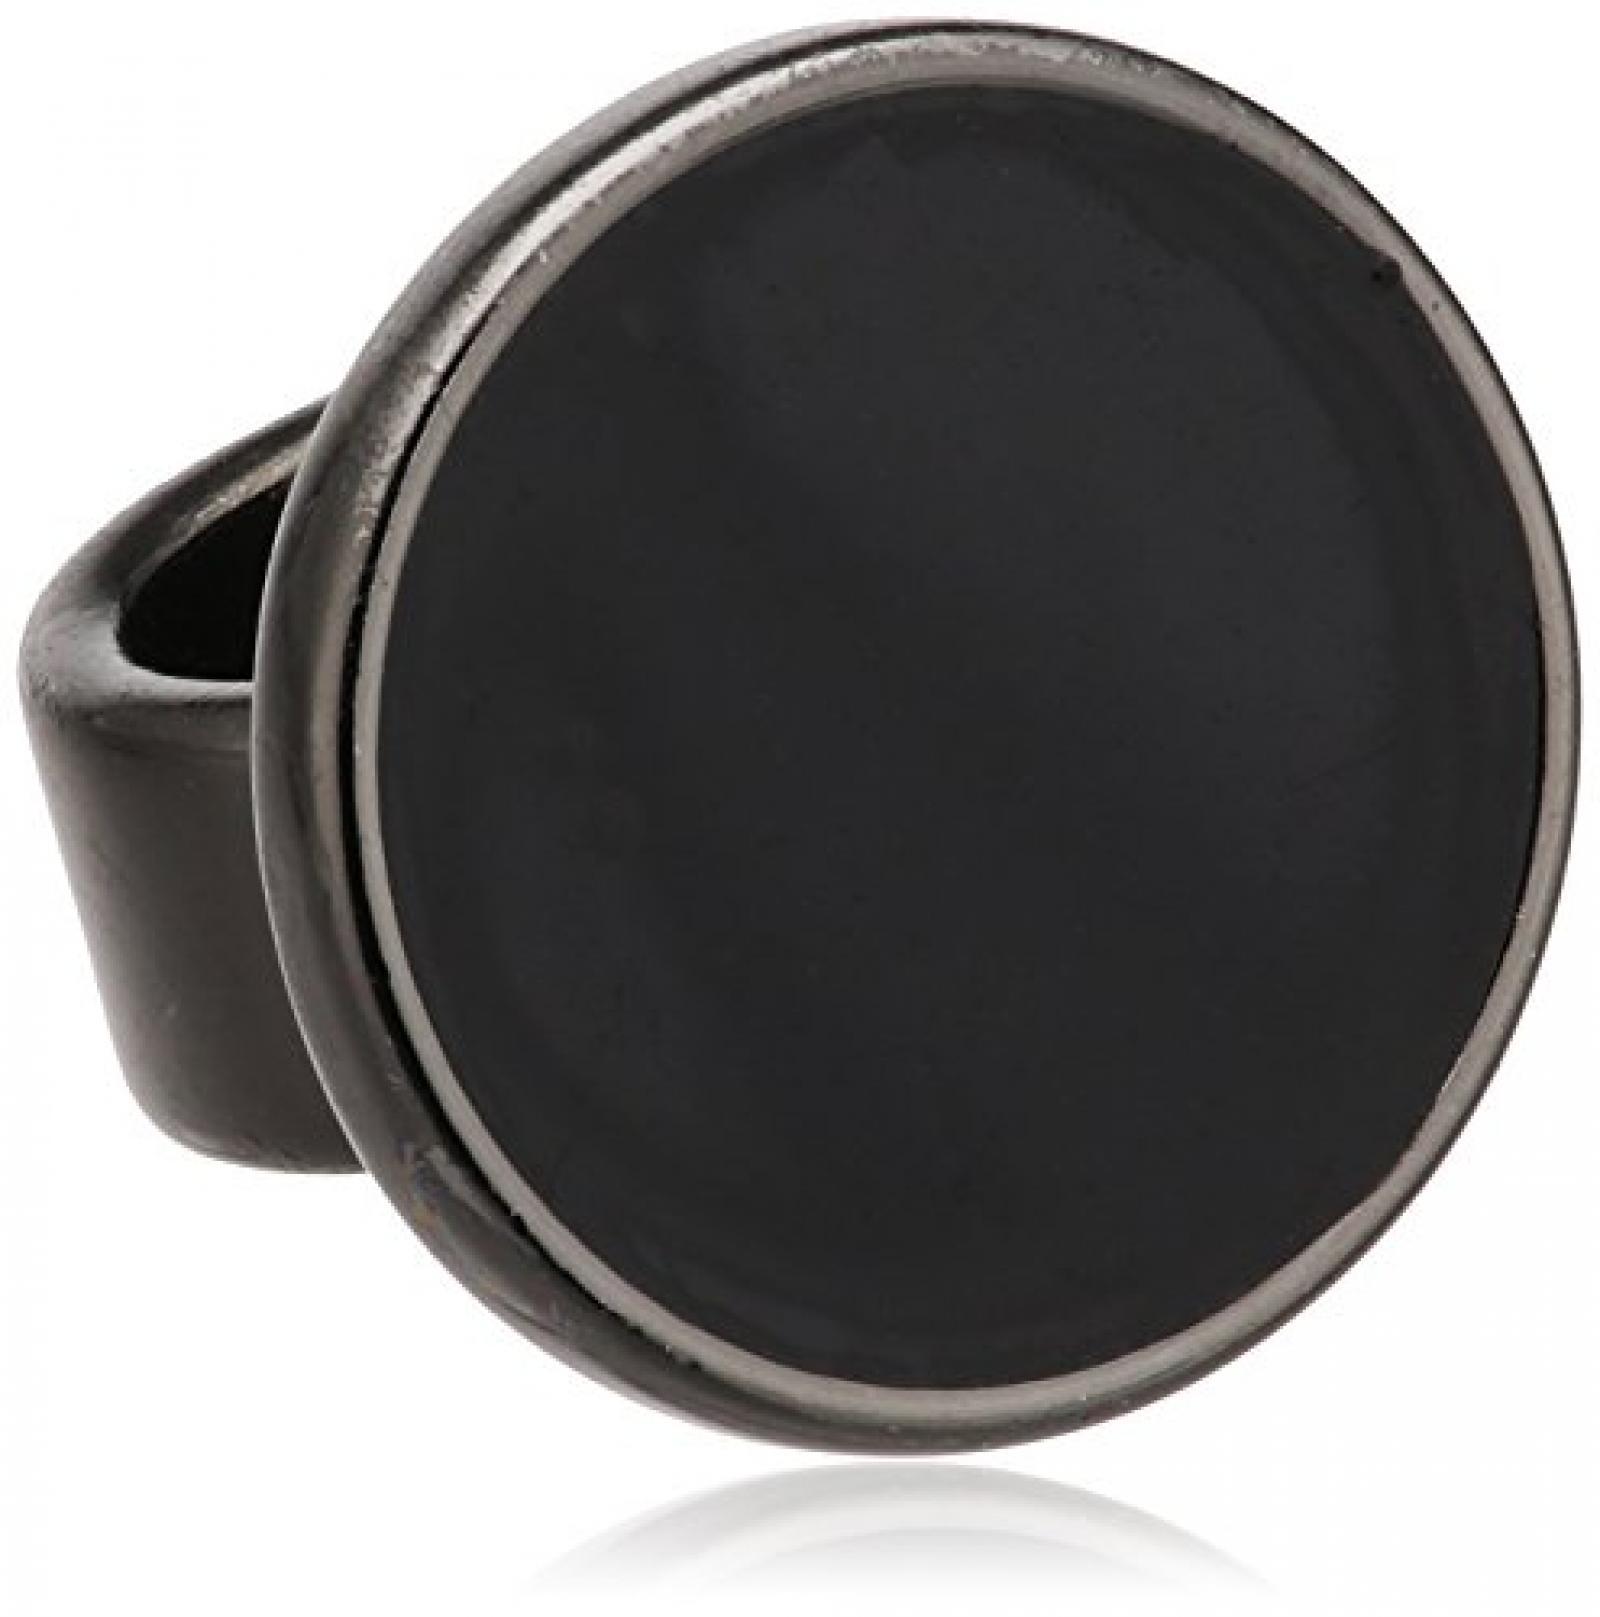 Pilgrim Damen-Anhänger Charming Hematite beschichtet schwarz 42121-3149